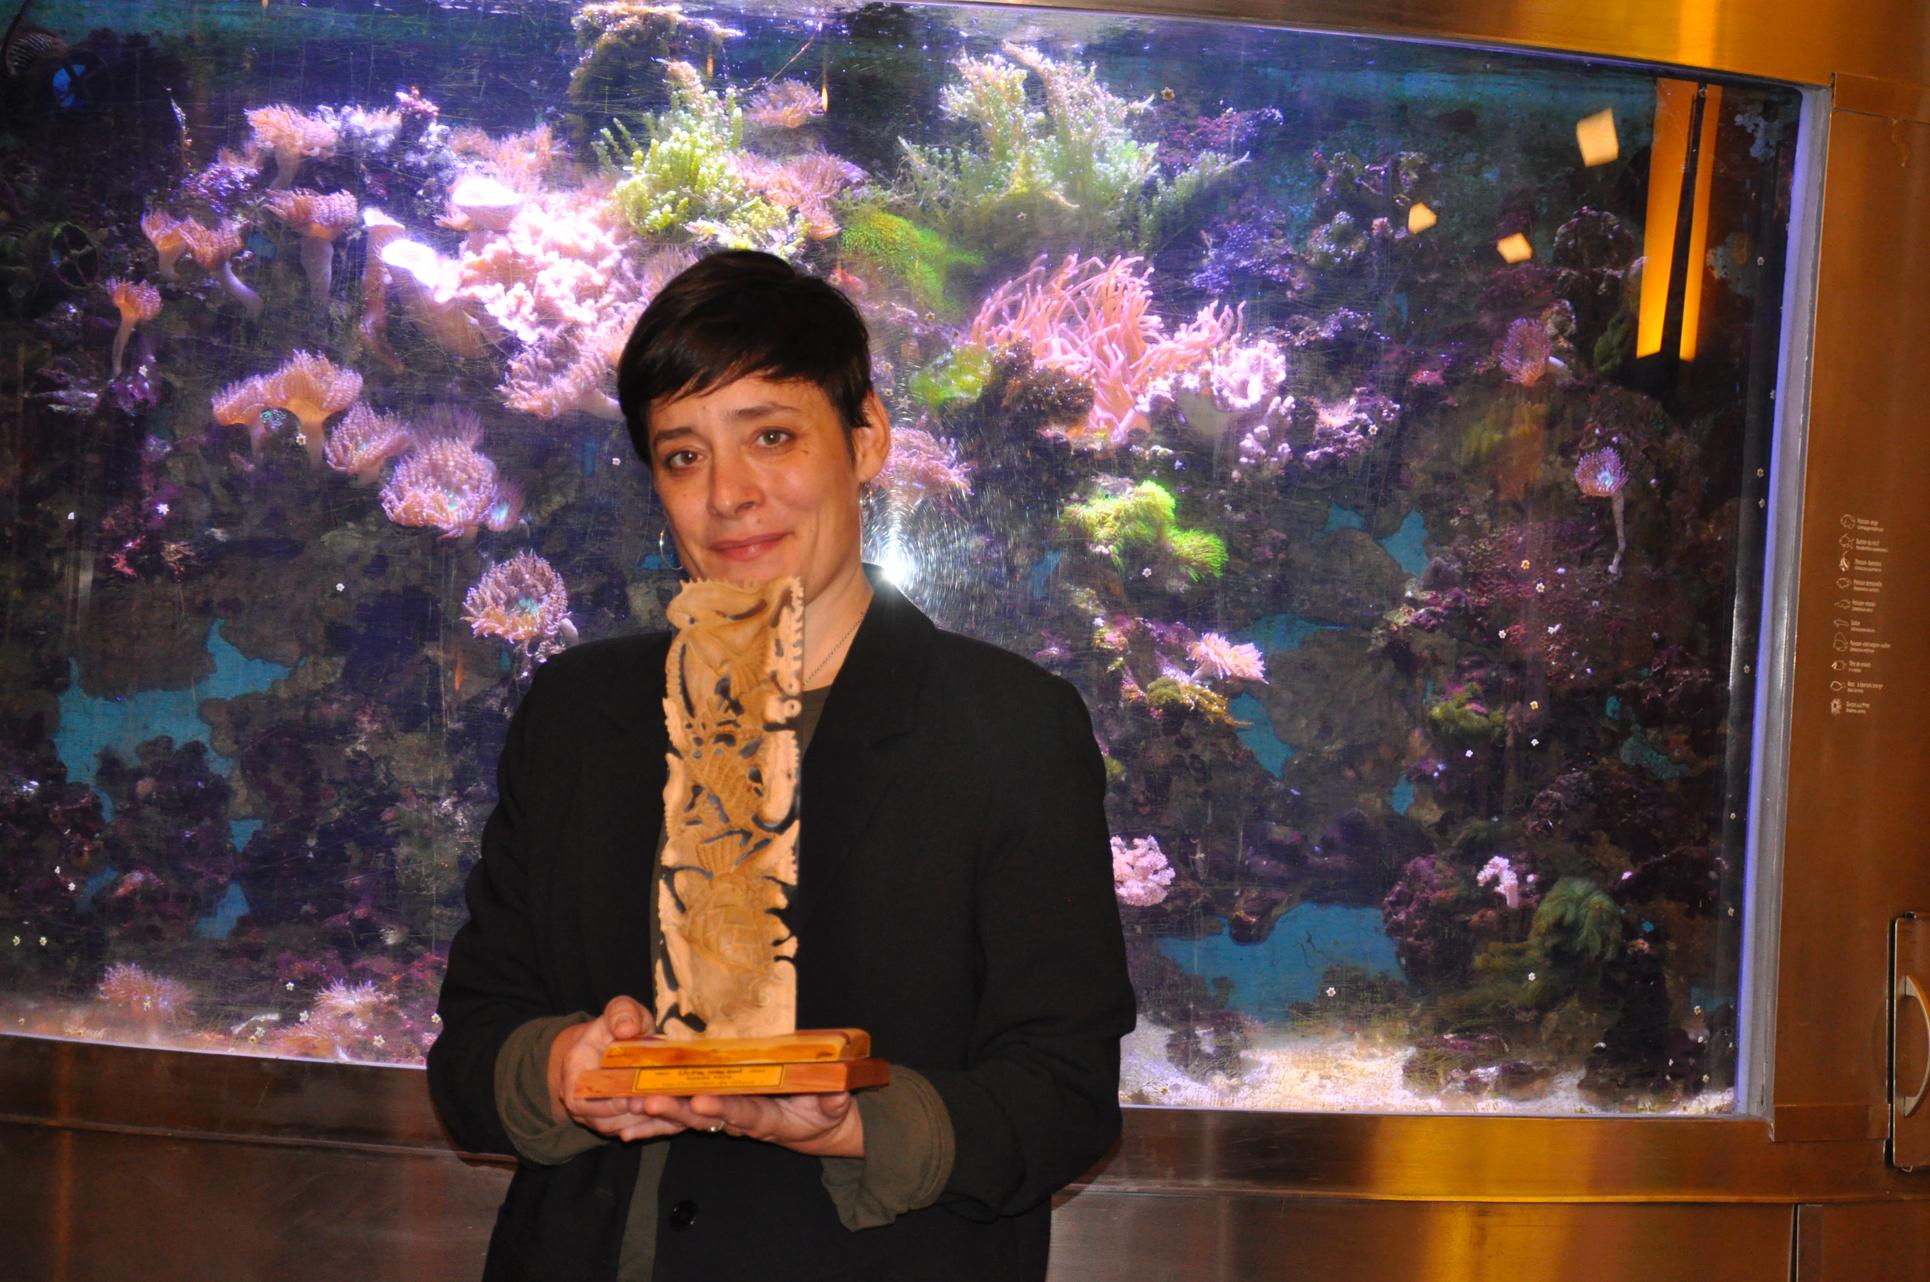 Littérature : Estelle Faye, lauréate du prix calédonien « Livre mon ami »